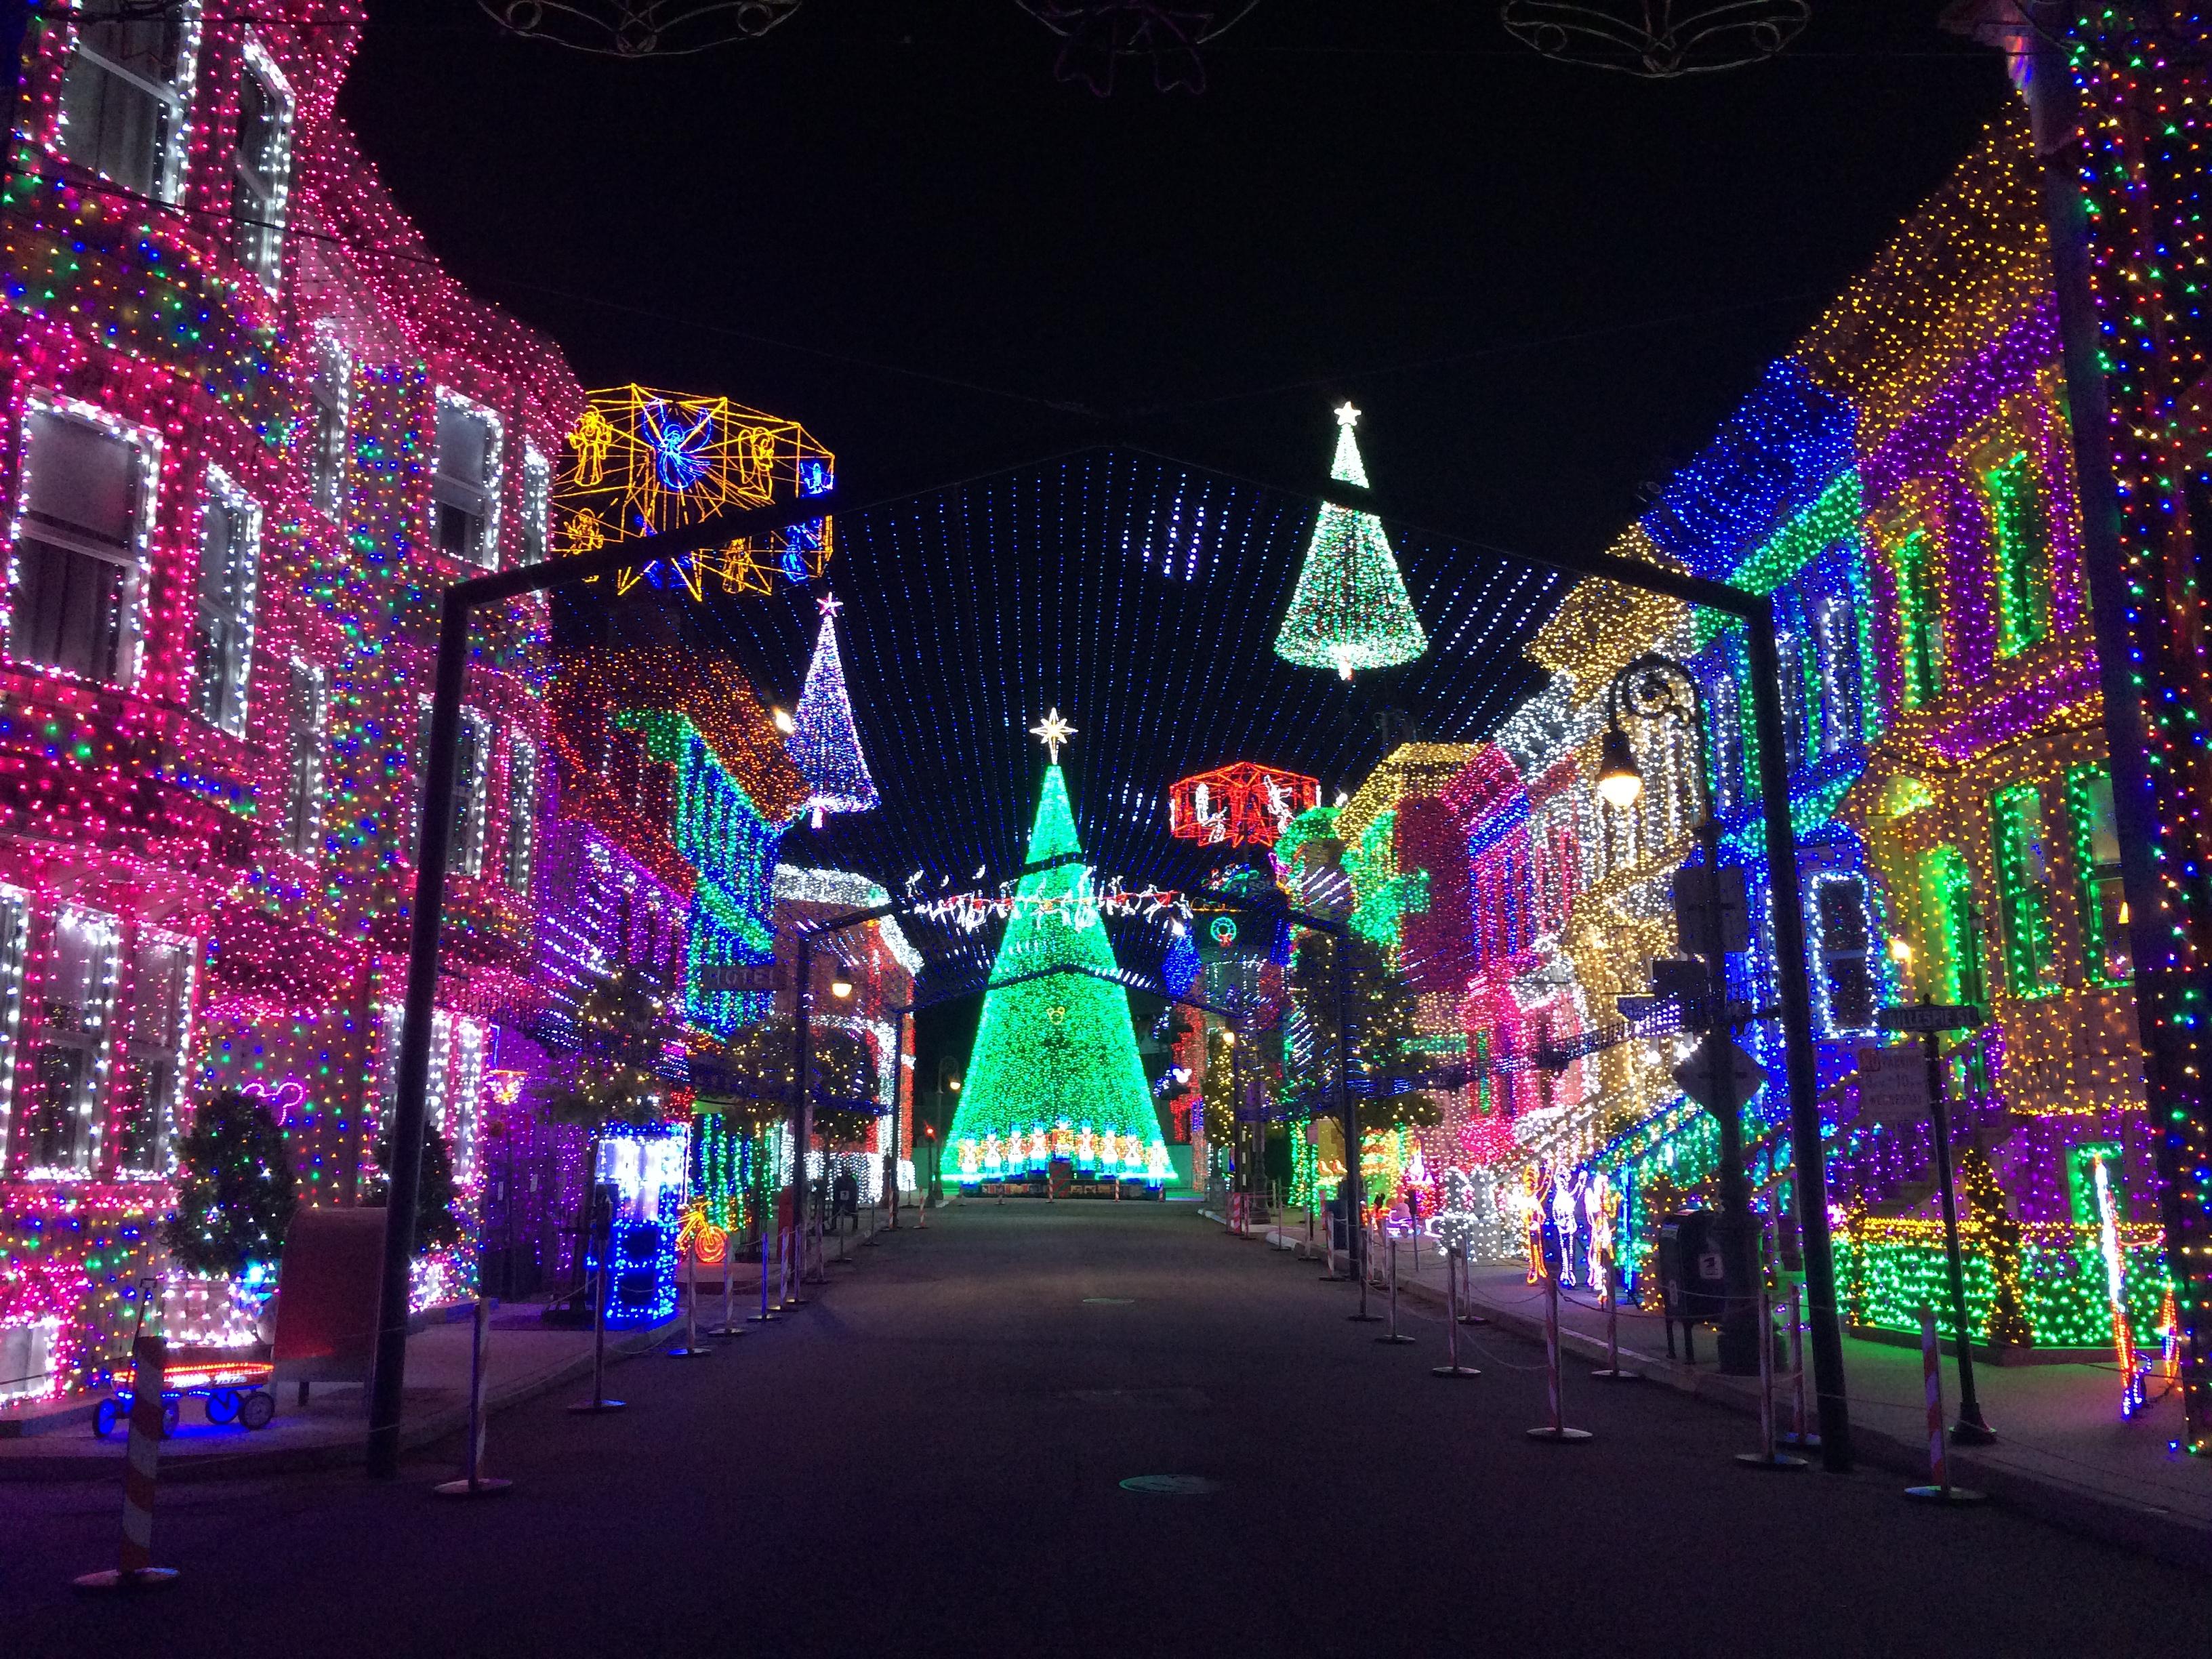 fileosborne family spectacle of dancing lights 26784206301jpg - Osborne Family Christmas Lights